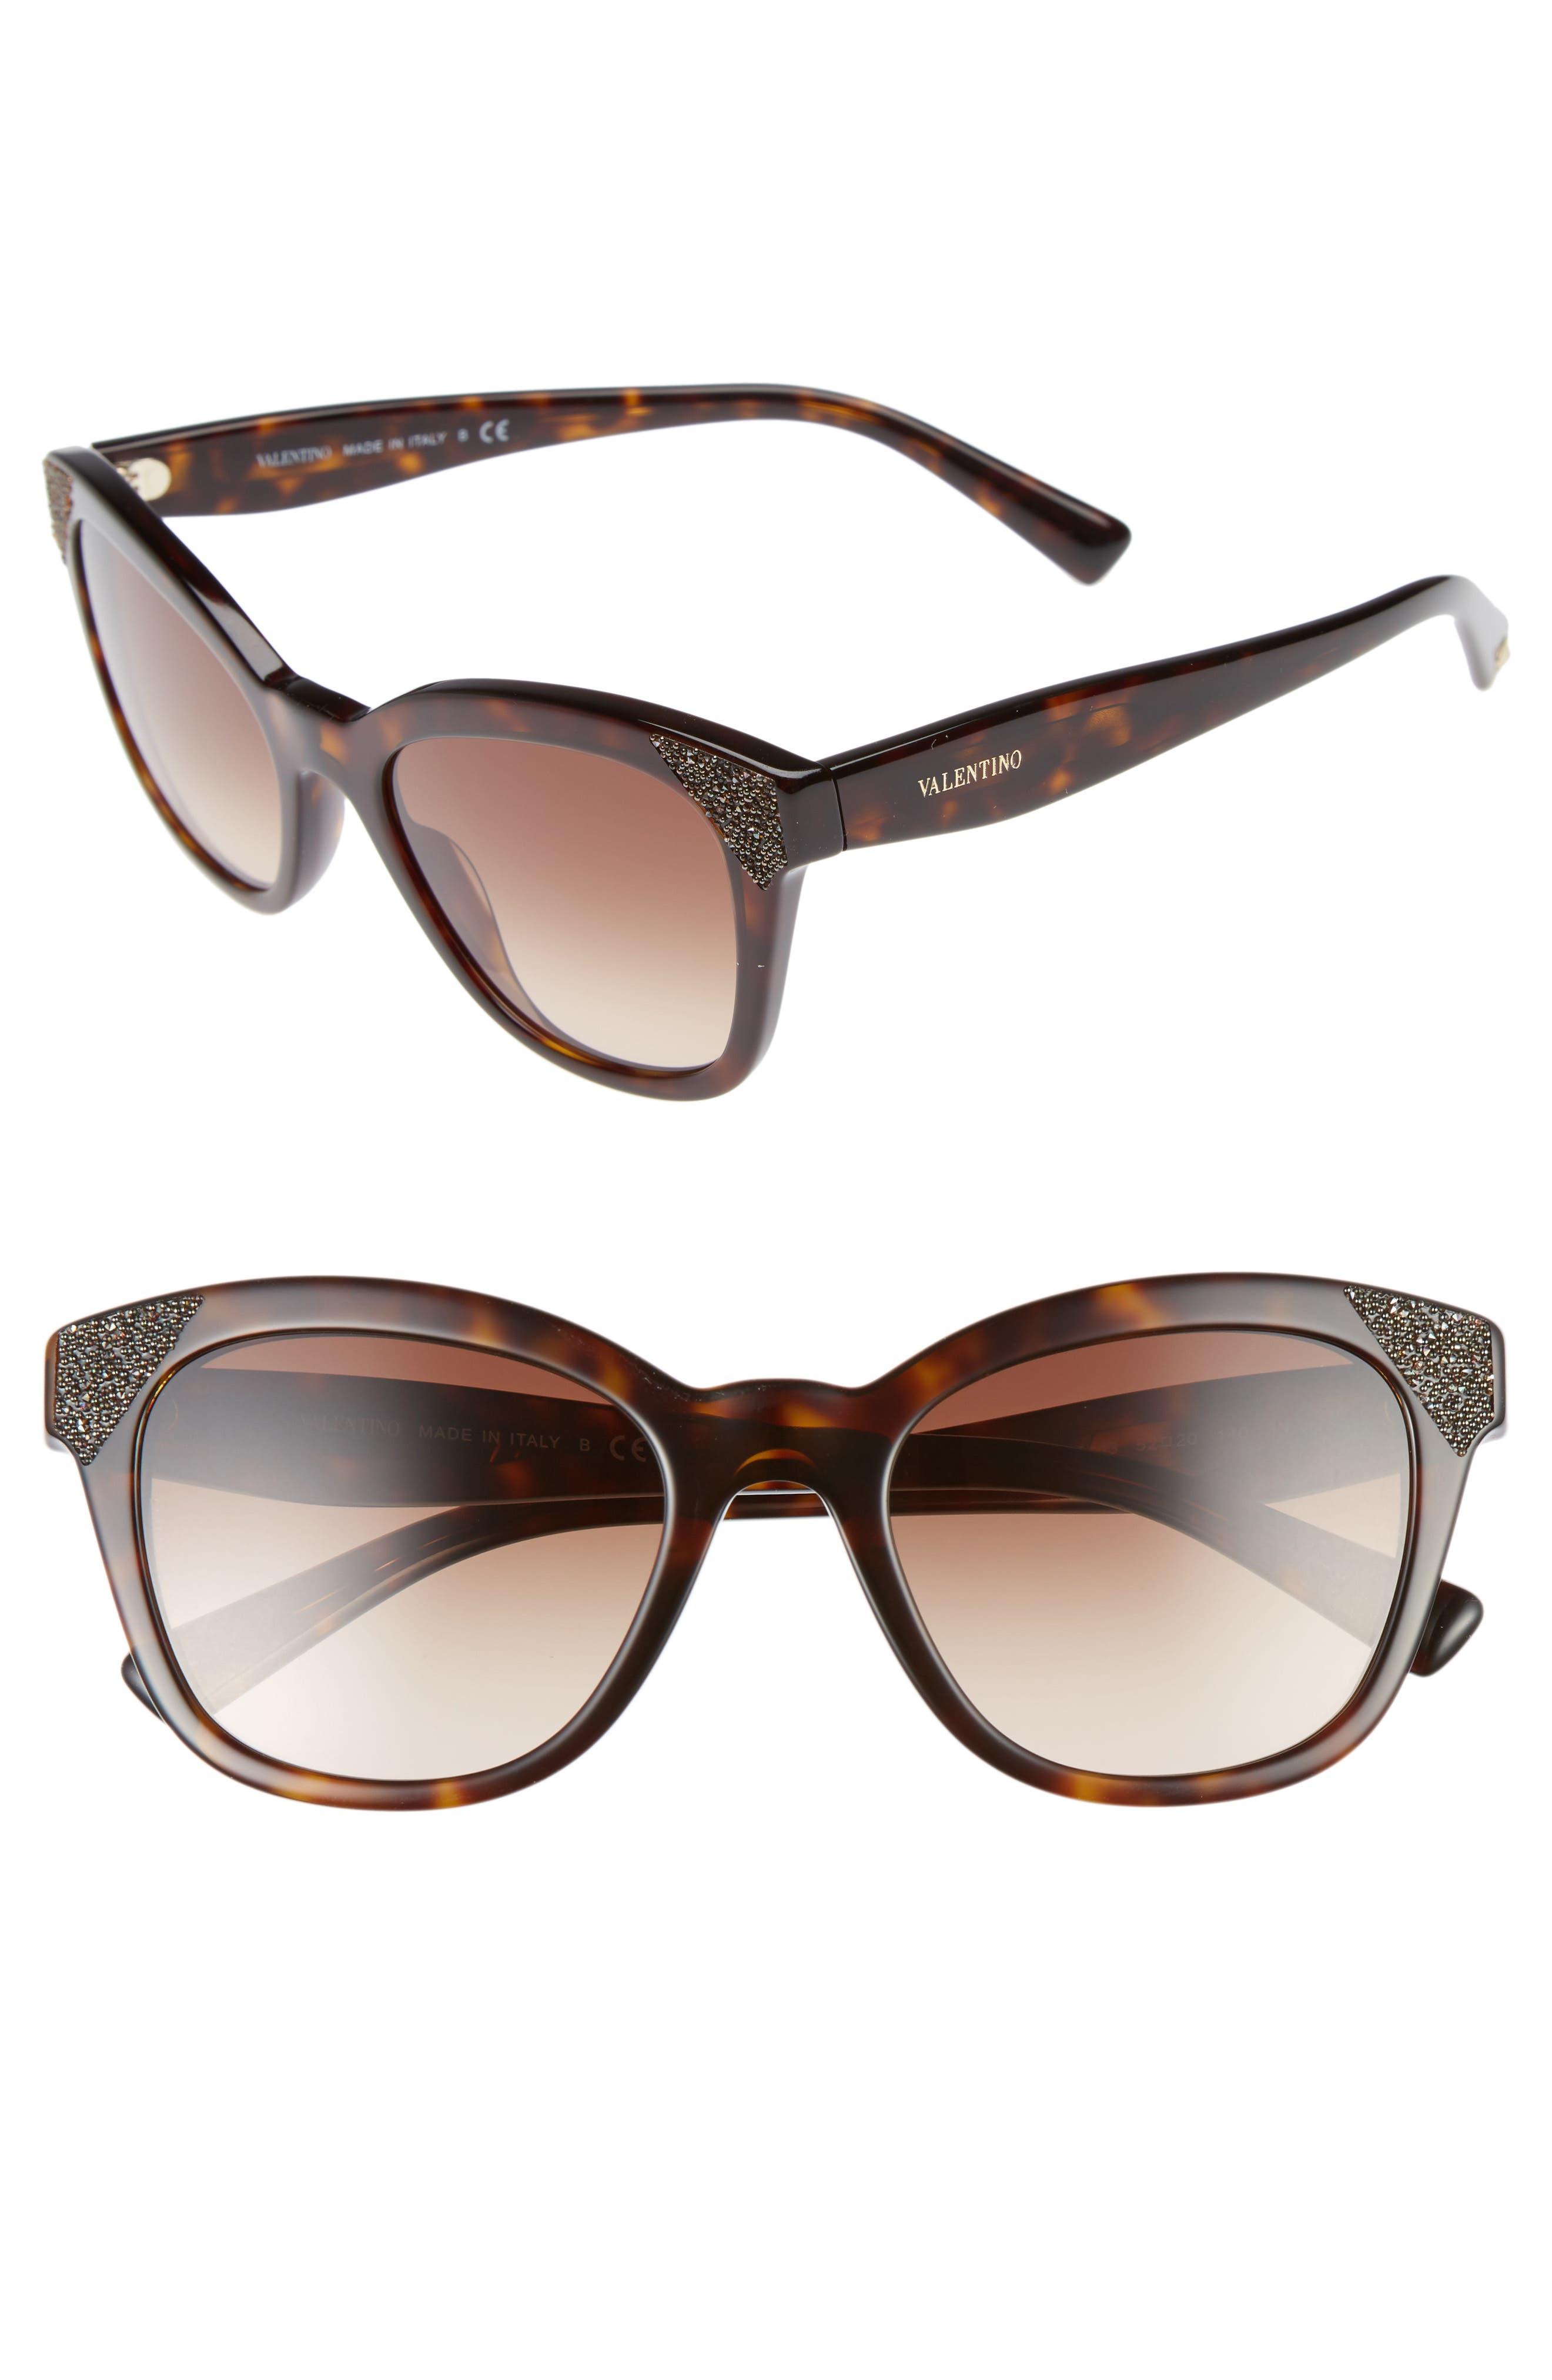 Valentino 52mm Cat Eye Sunglasses